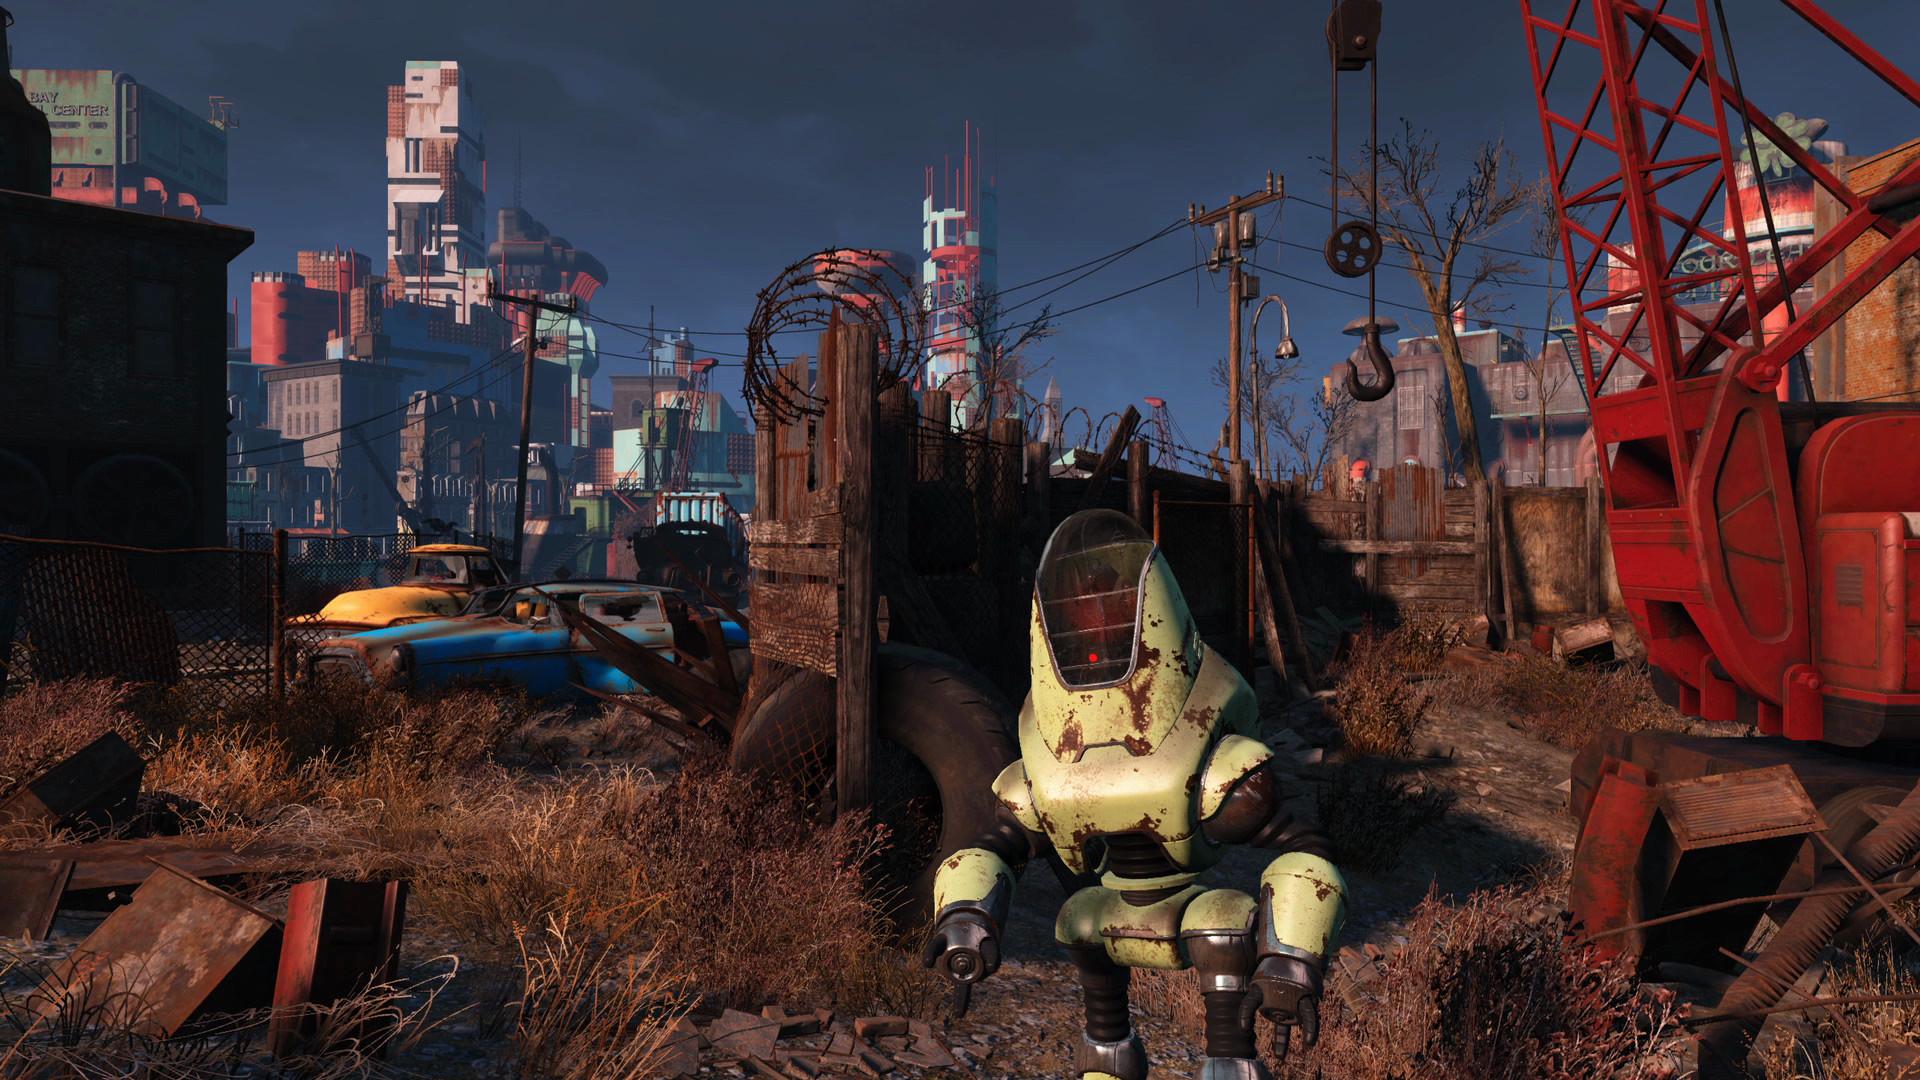 Fallout 4 ESPAÑOL PC Full + Update v1.1.30 (CODEX) + REPACK 5 DVD5 (JPW) 4